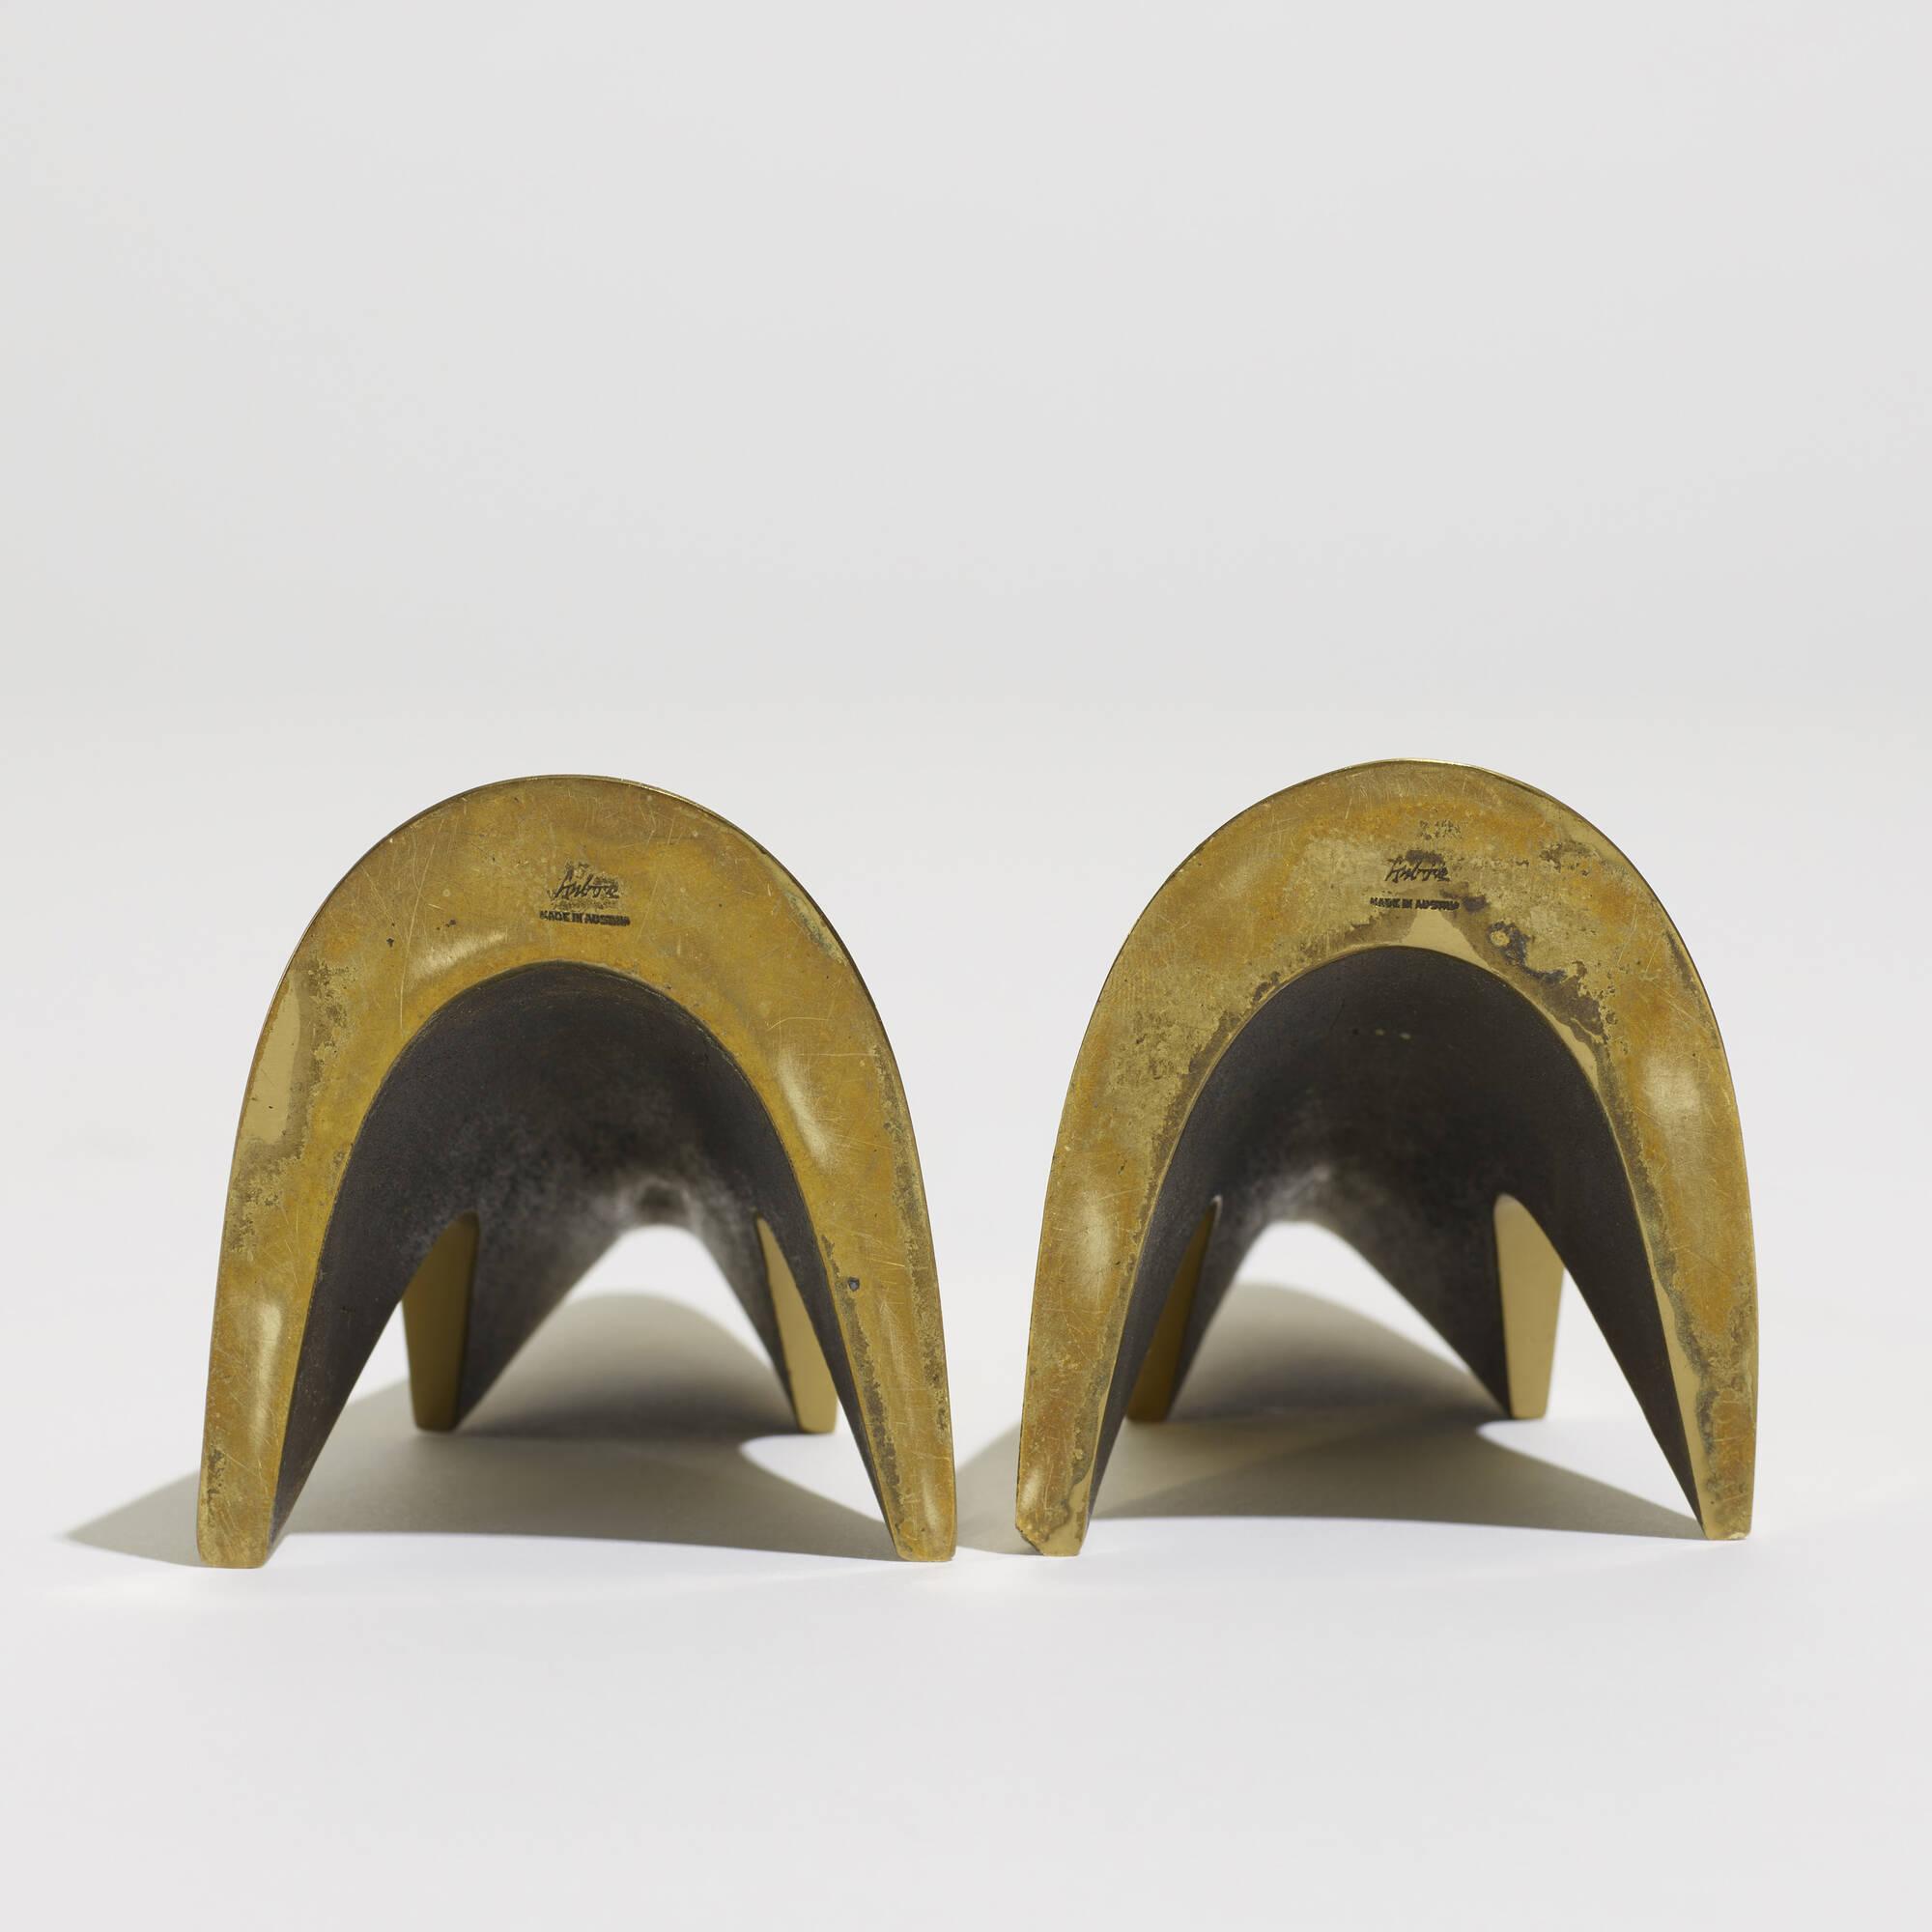 135: Carl Auböck II / bookends model 4099, pair (3 of 3)